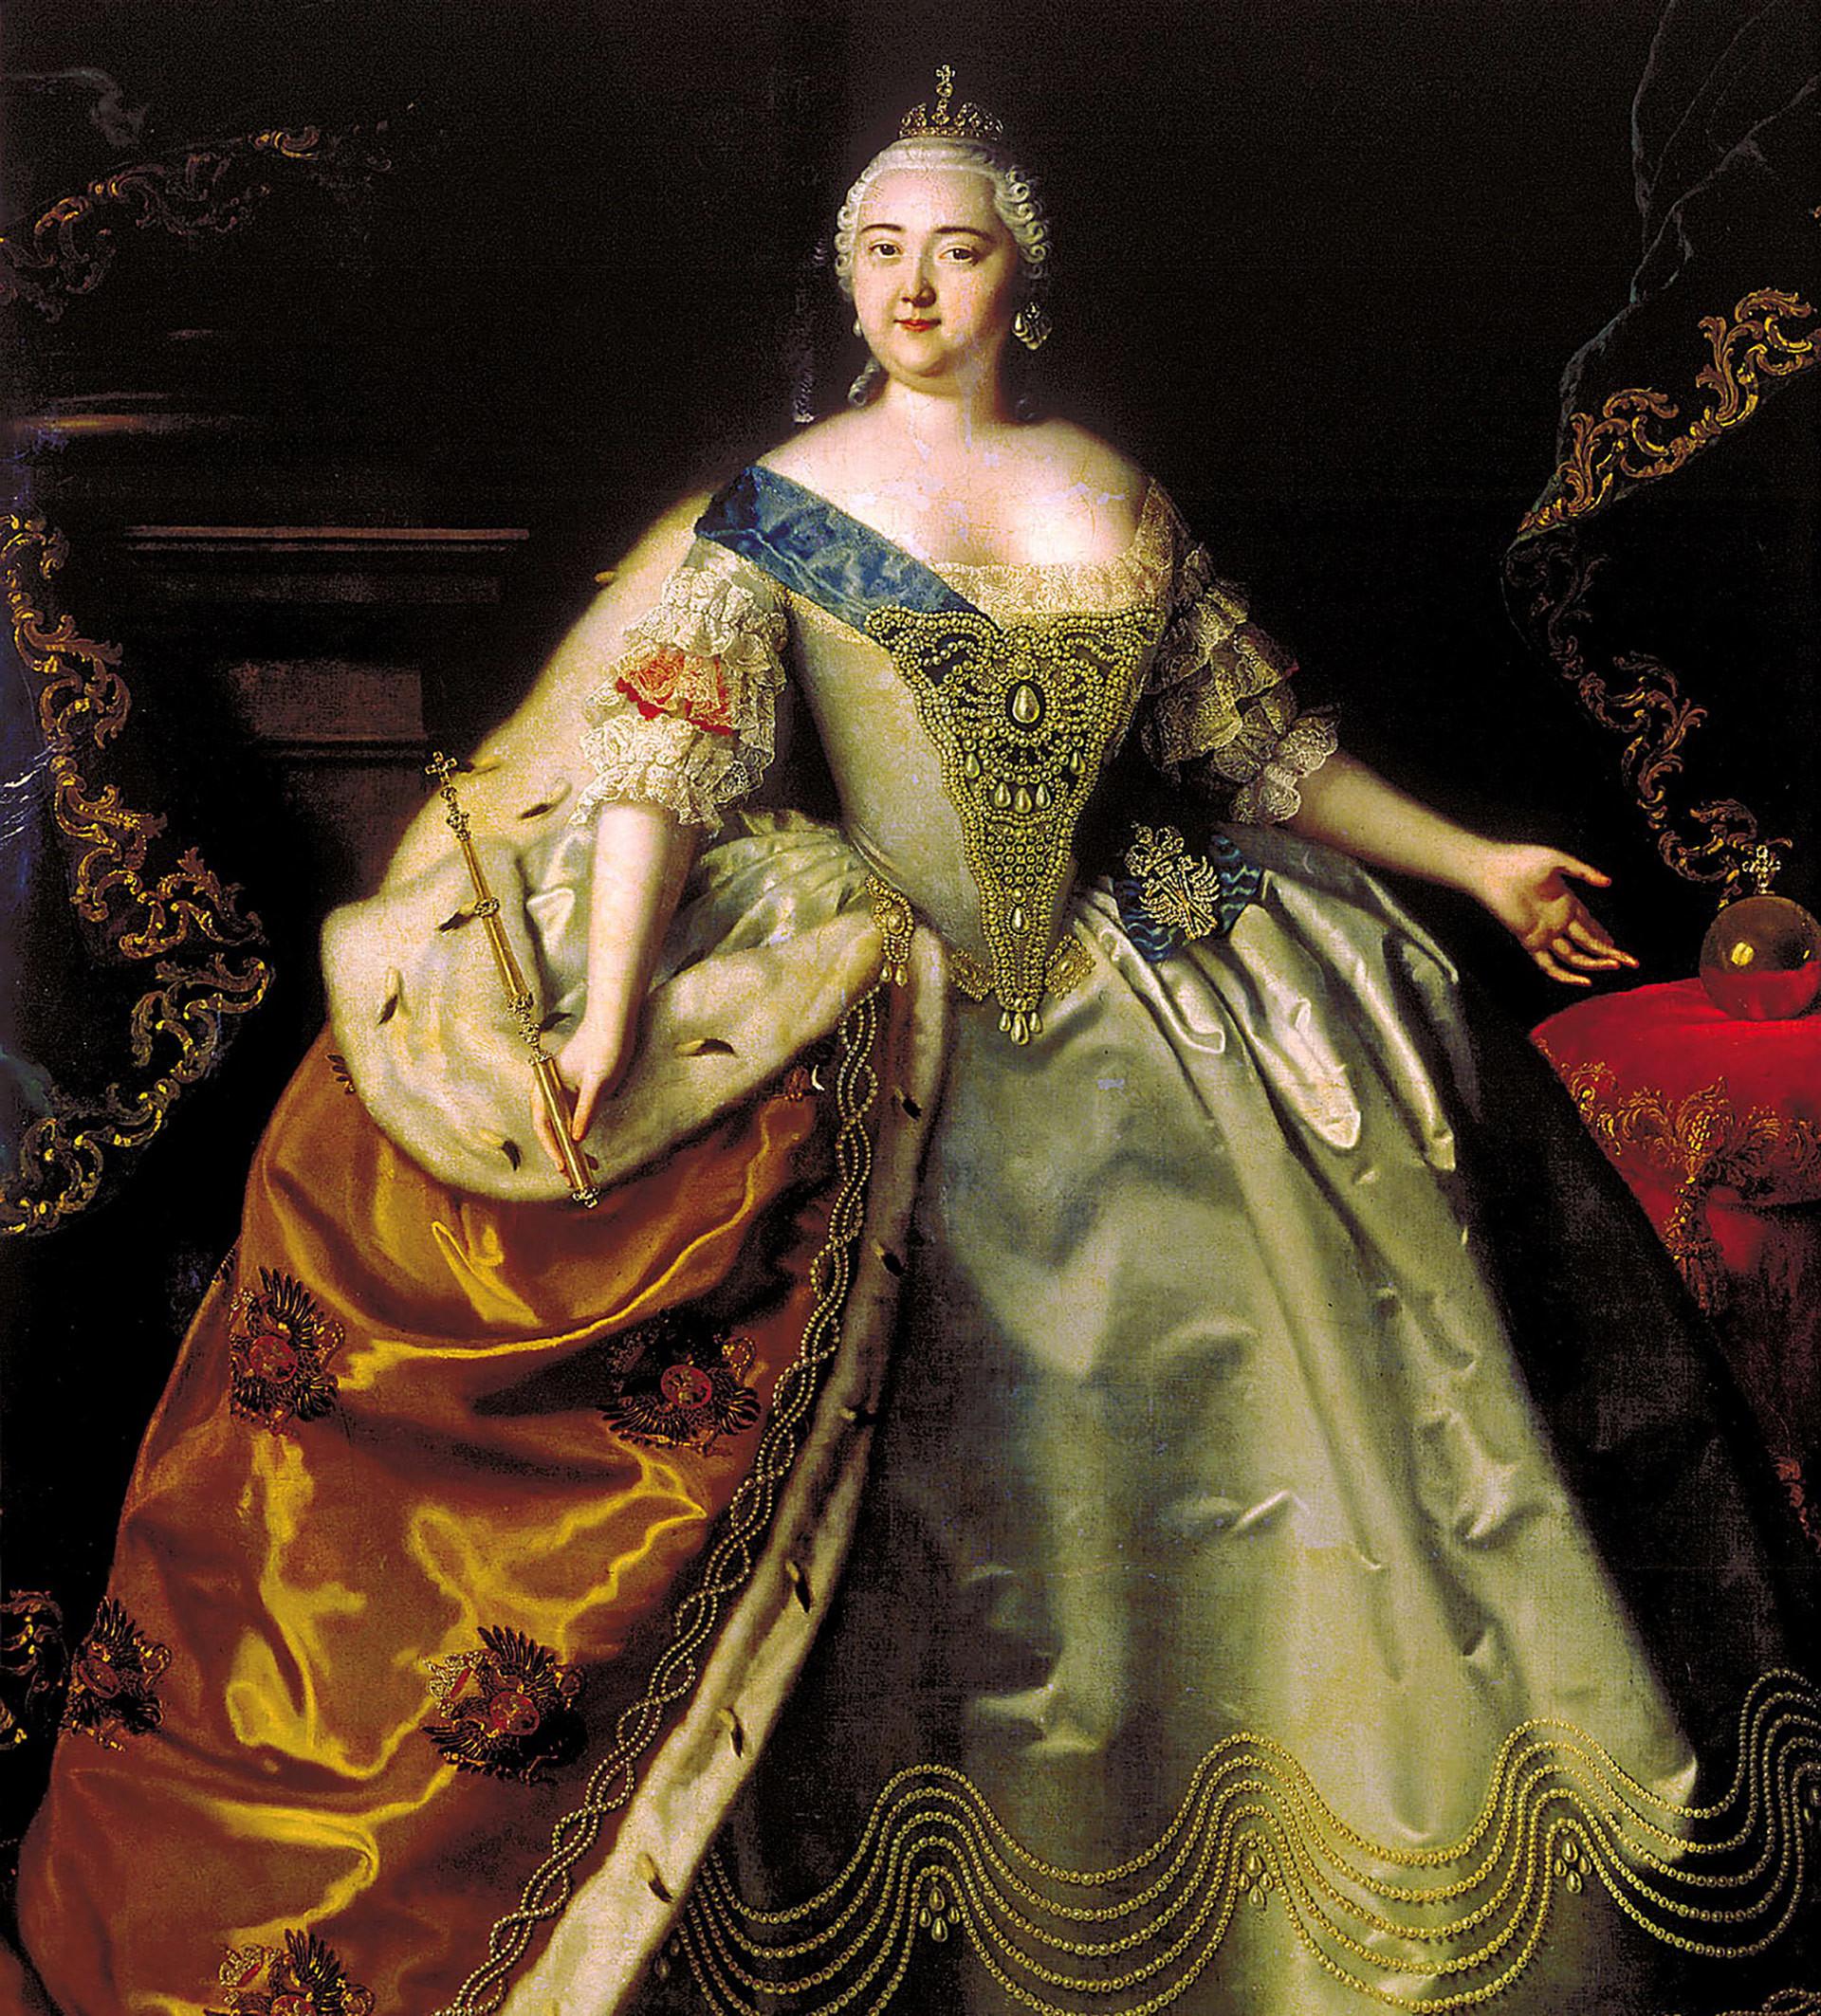 Retrato da imperatriz Isabel da Rússia por Louis Caravaque.